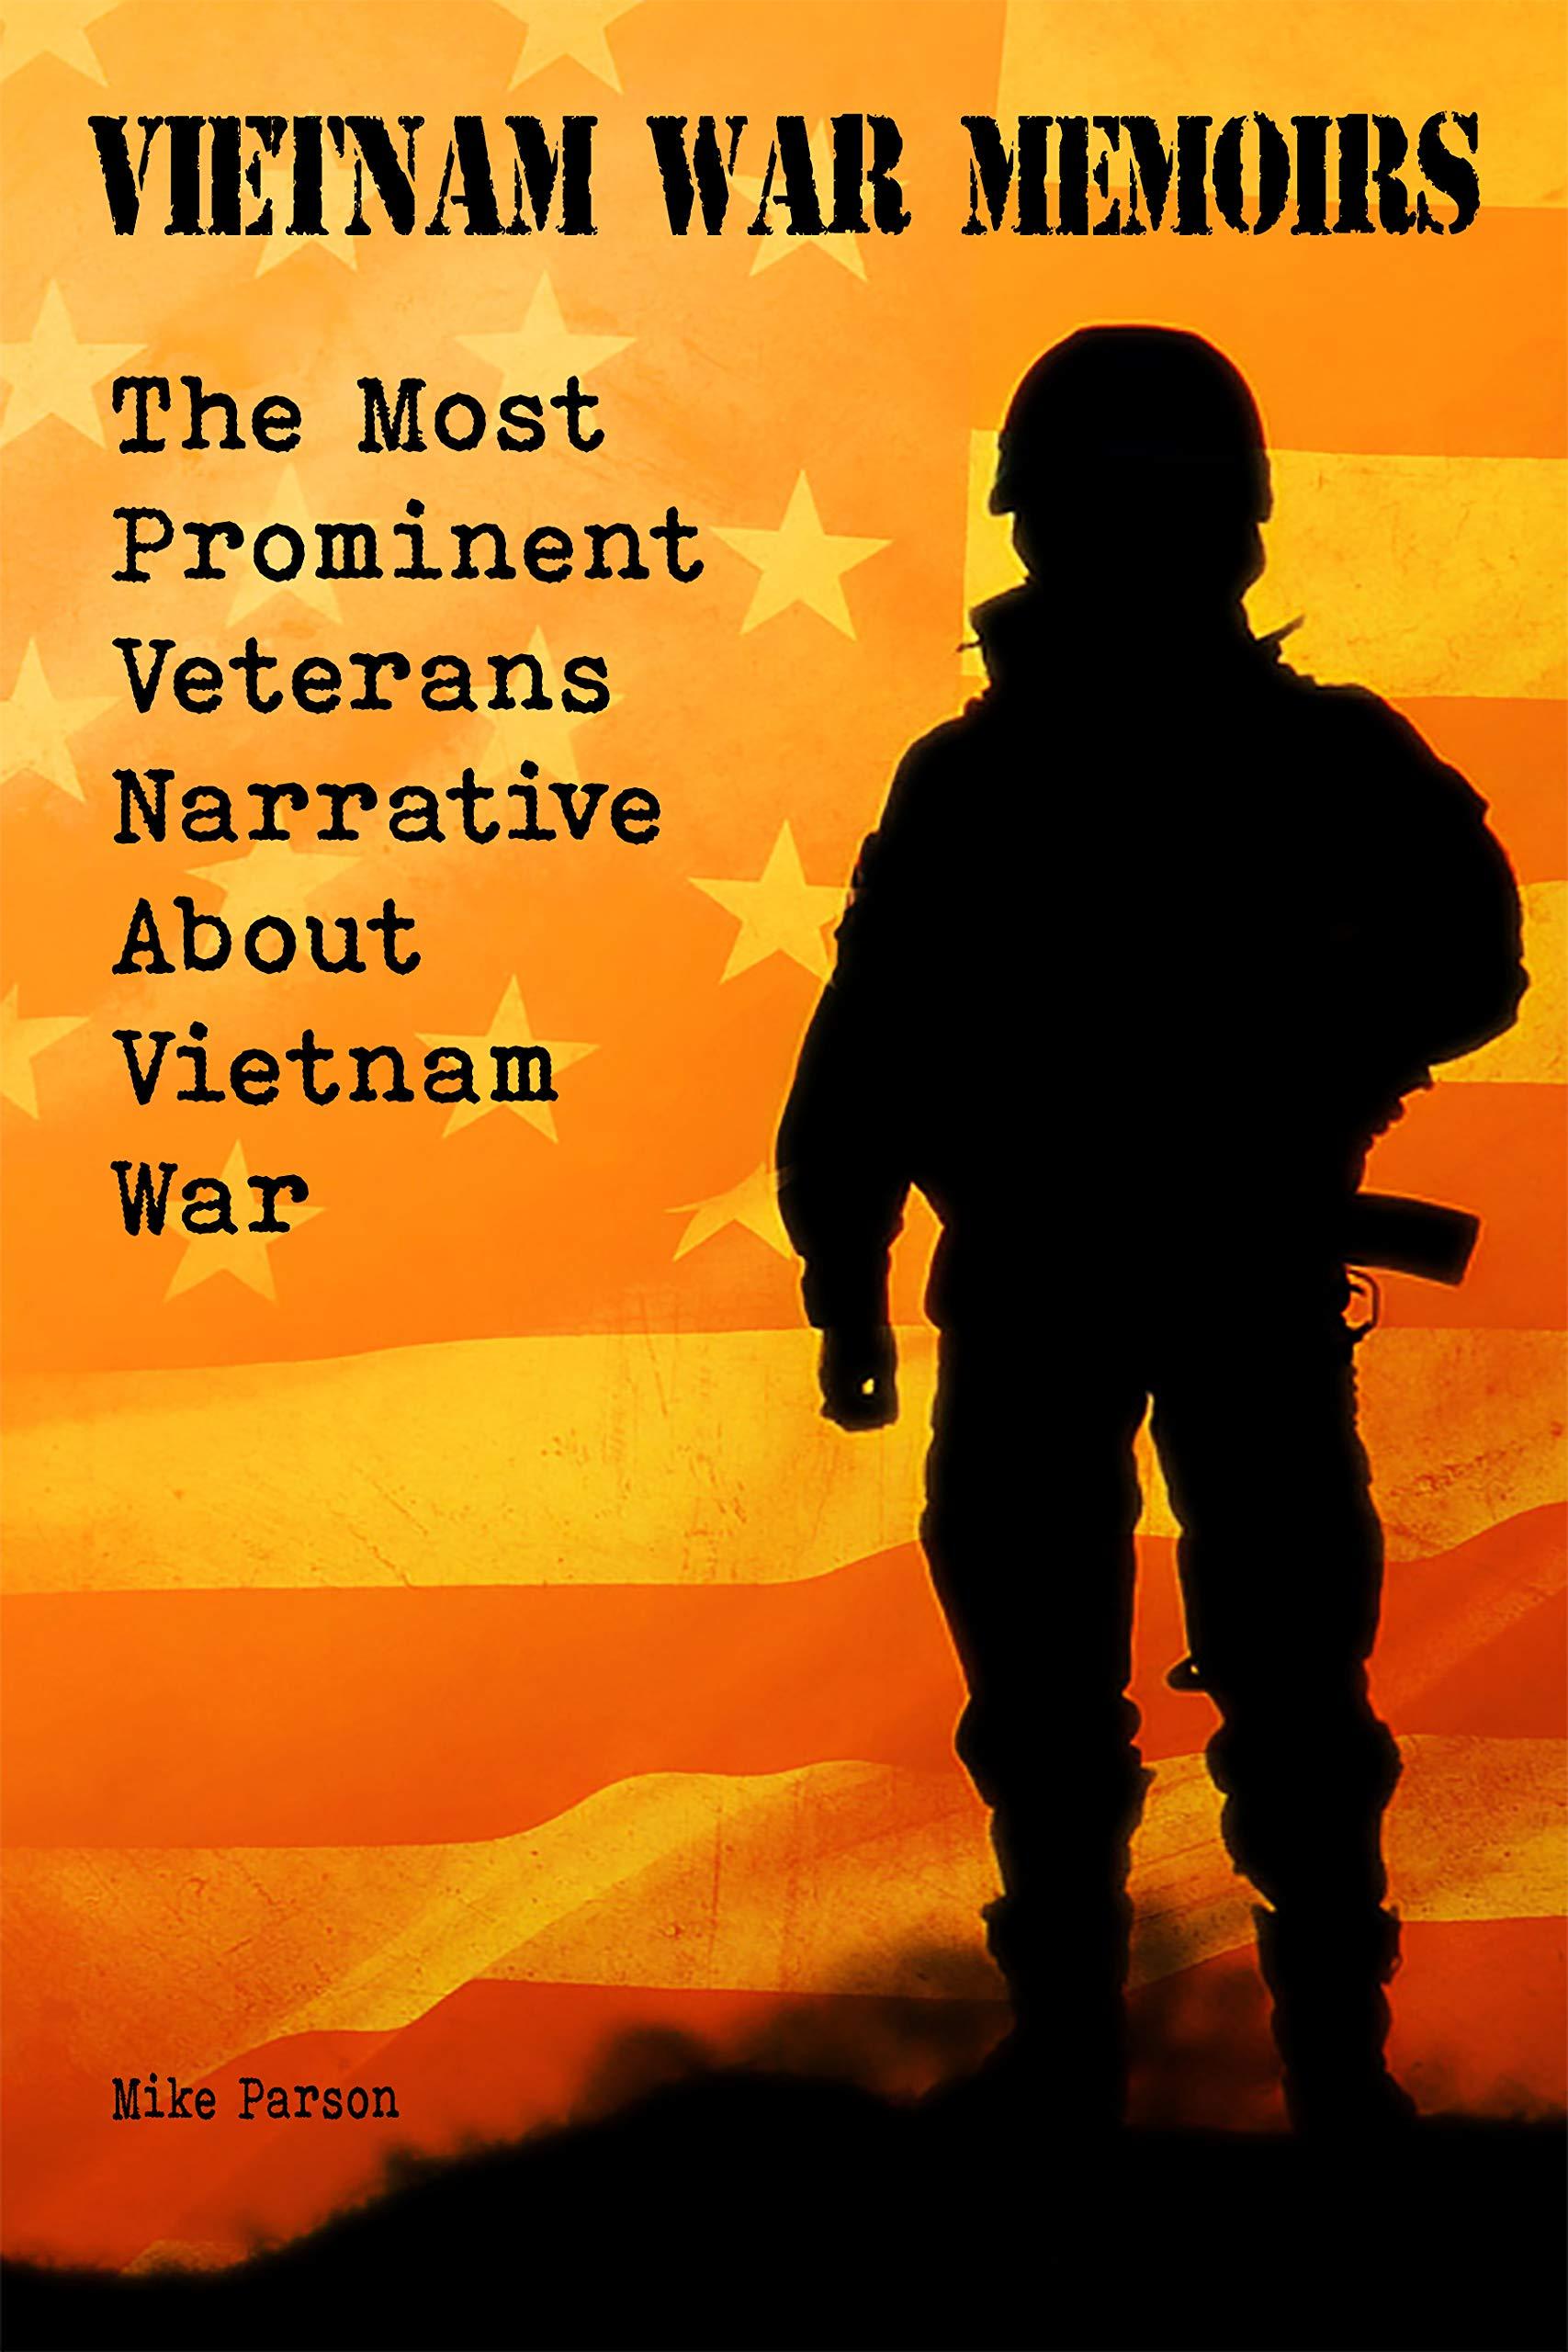 VIETNAM WAR MEMOIRS: The Most Prominent Veterans Narrative About Vietnam War